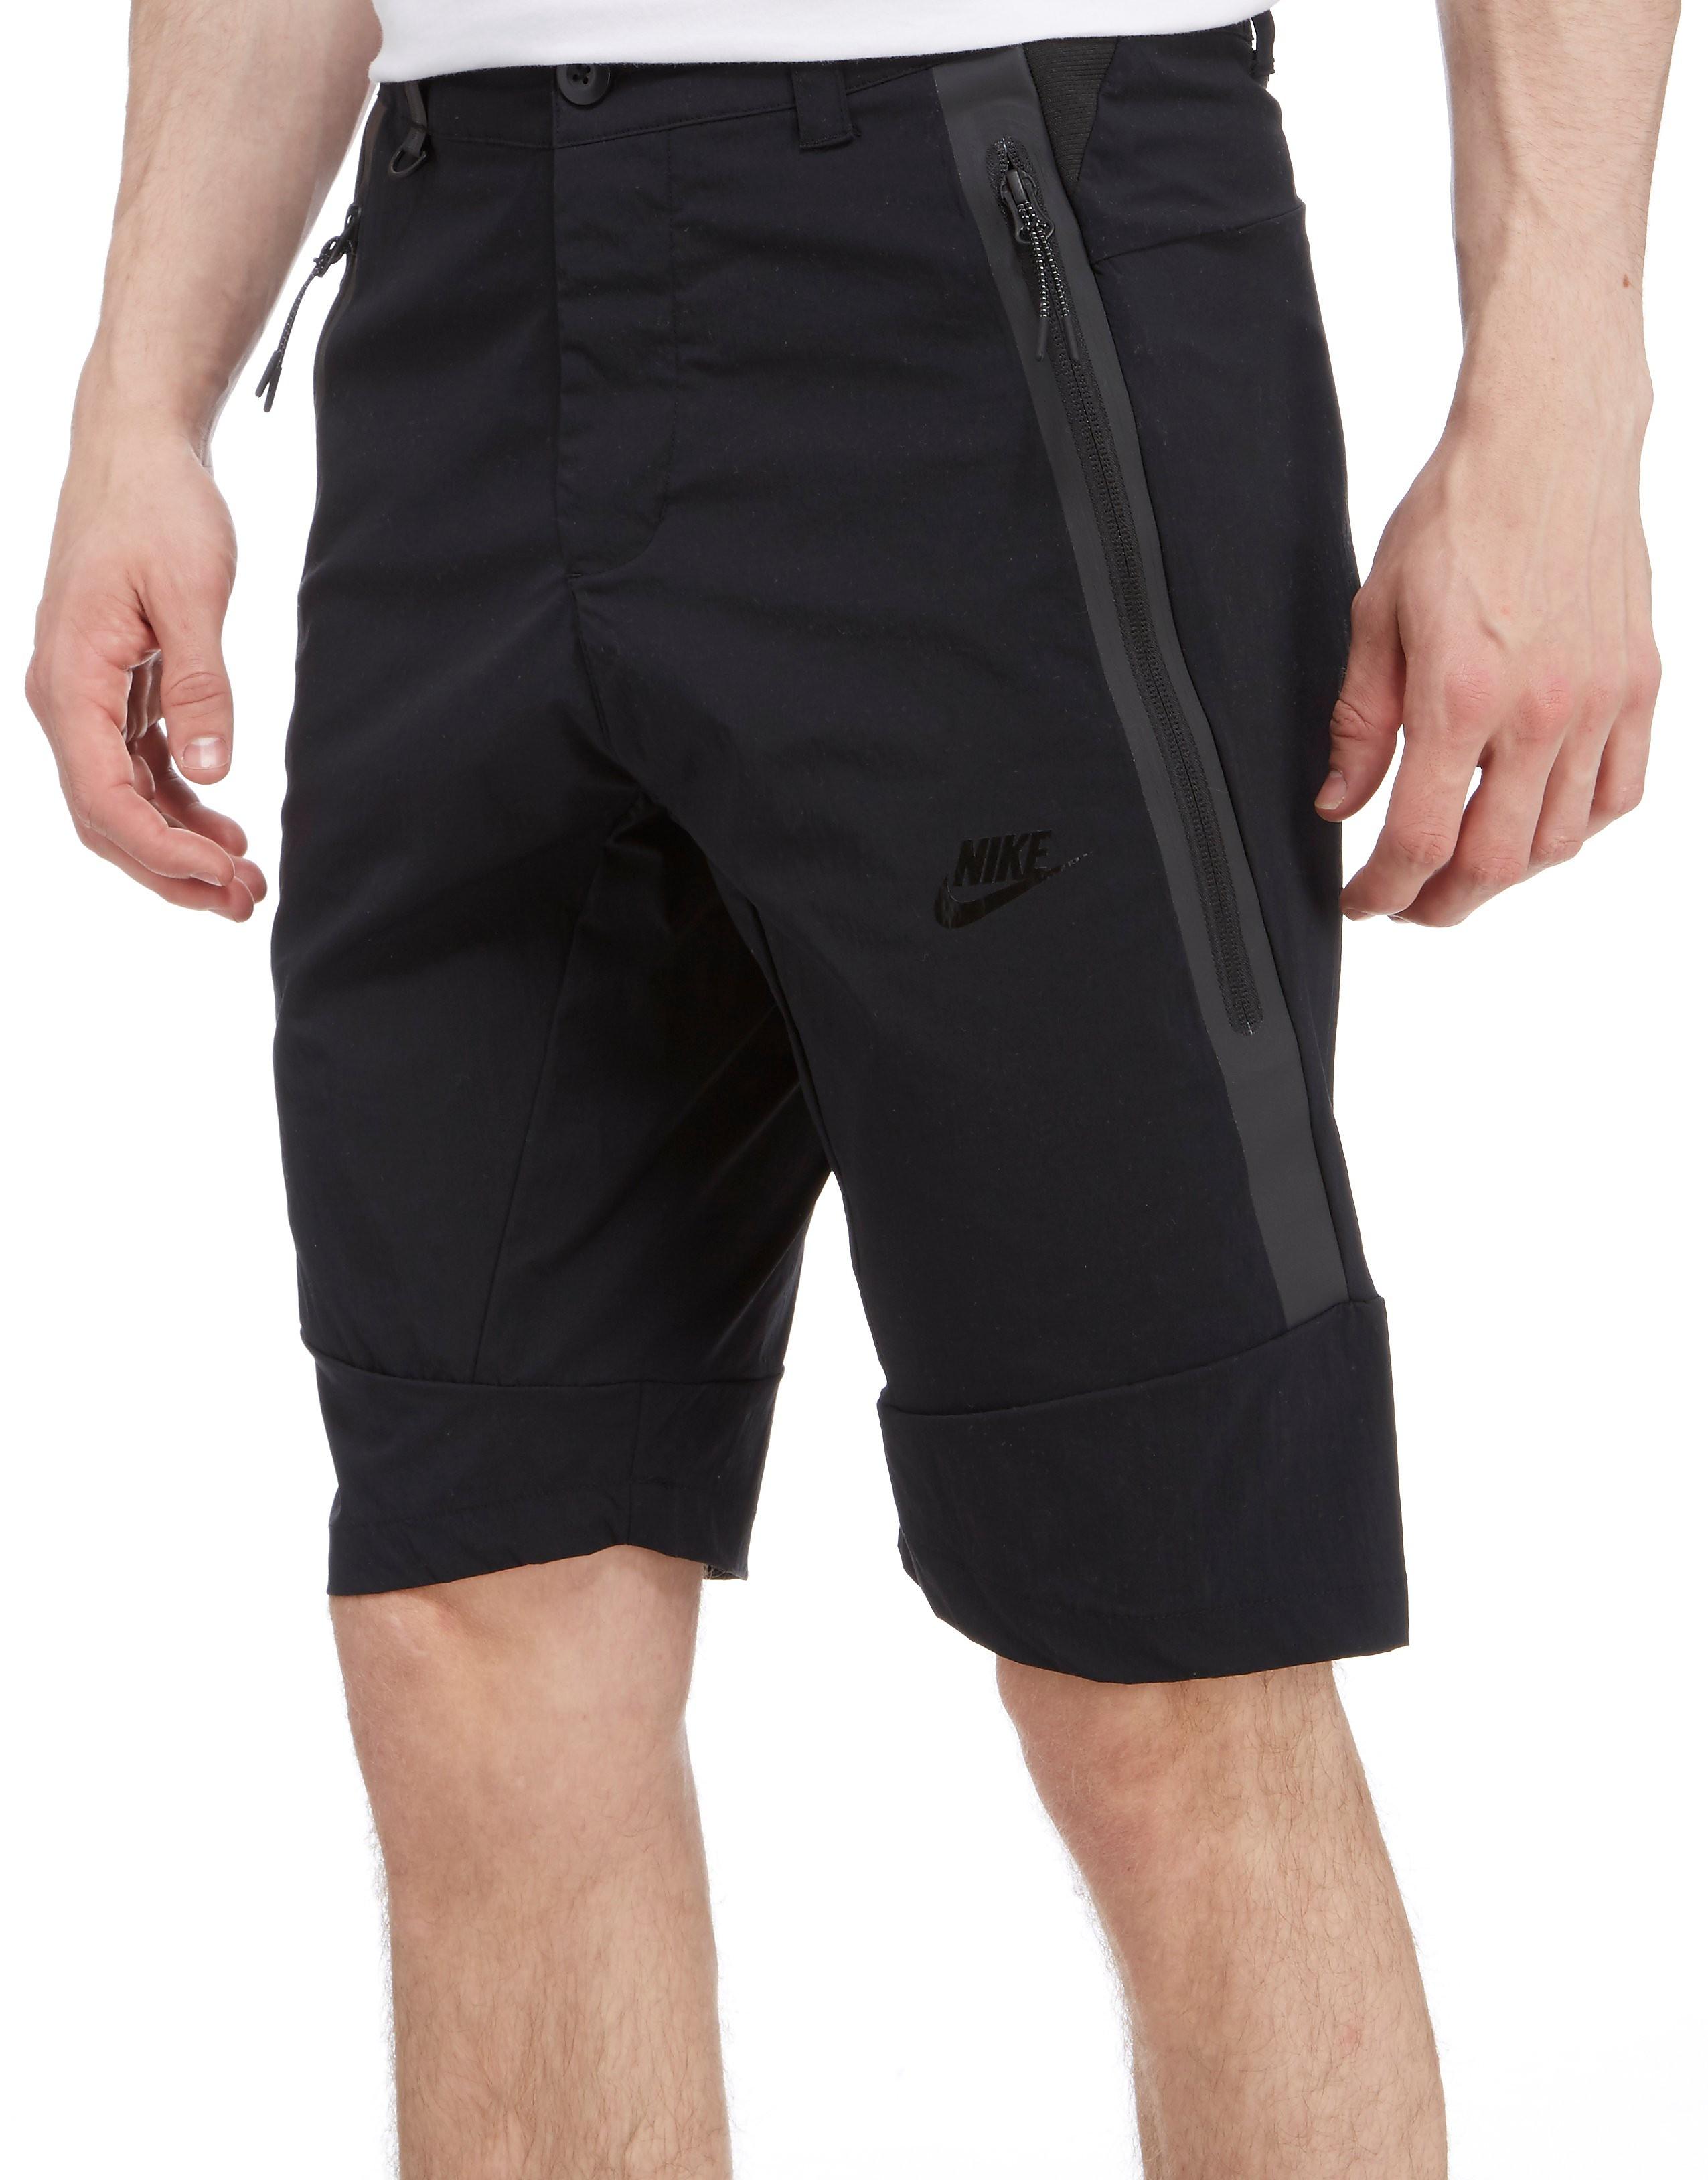 Nike Tech Woven Shorts